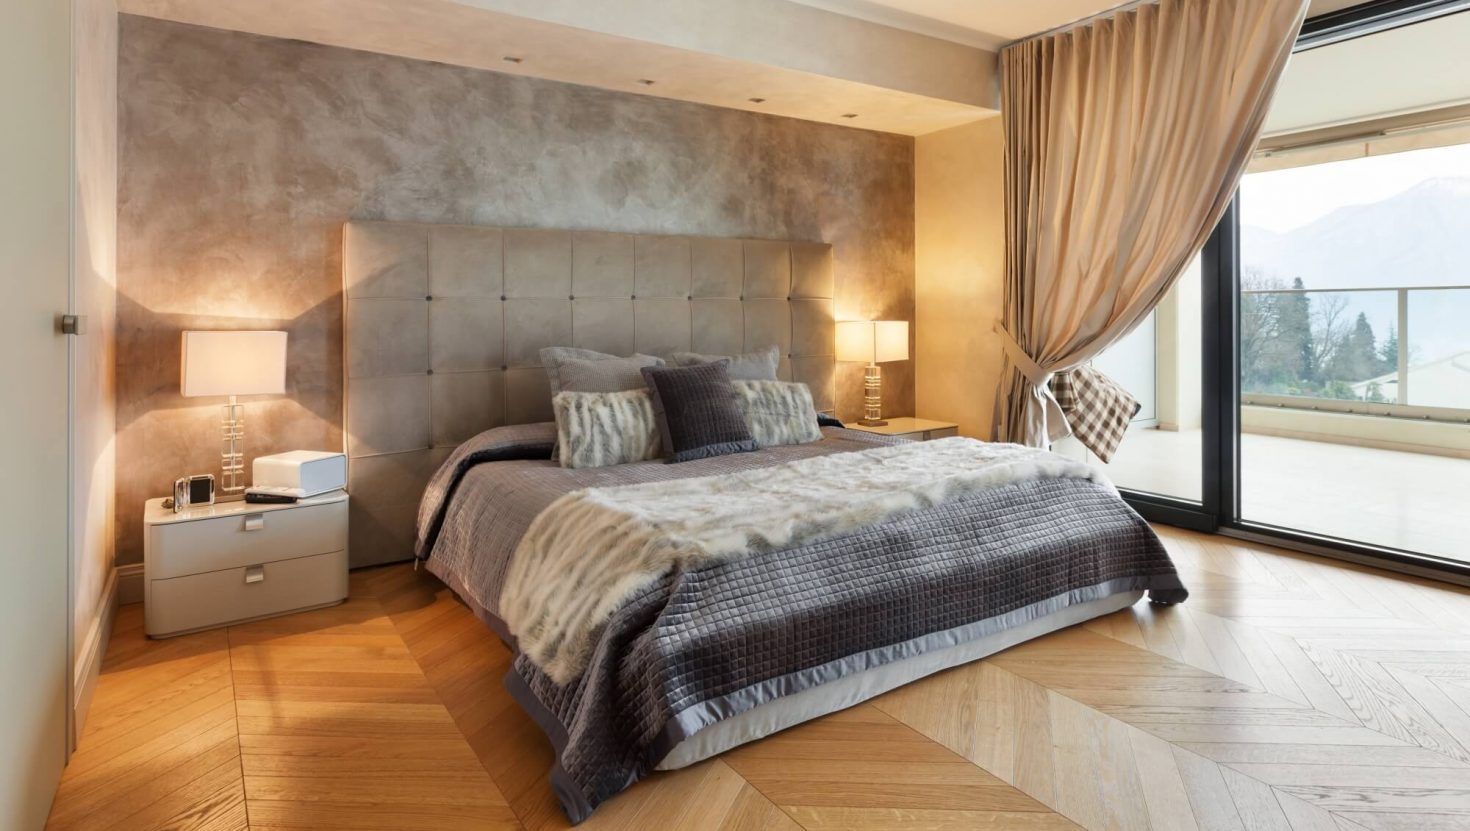 Κρεβάτι επενδεδυμένο Grand